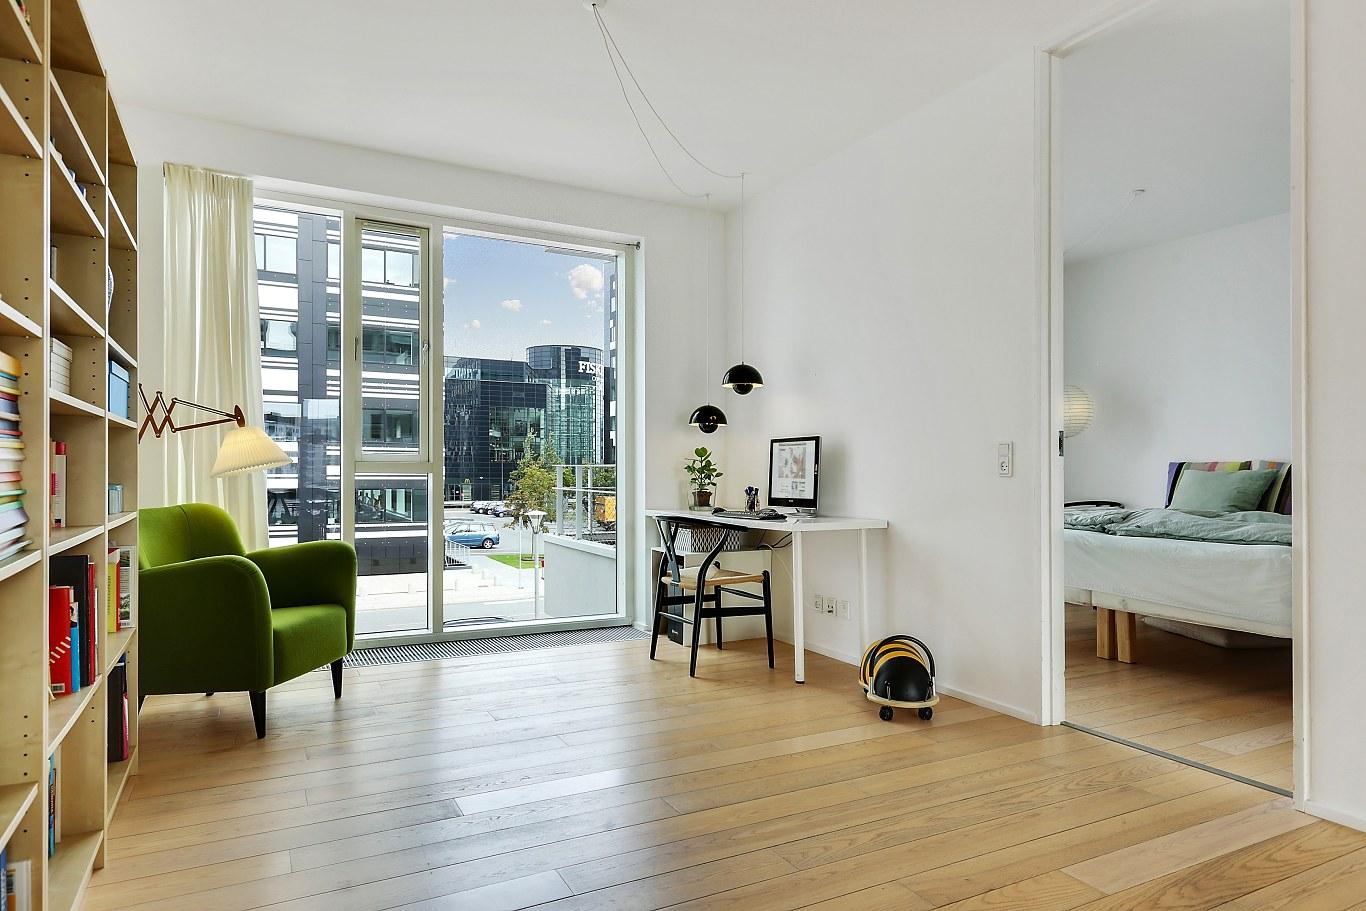 salones cocinas nrdicas pisos modernos nrdicos piso dans amplio con vistas decoracin nrdica escandinava decoracin